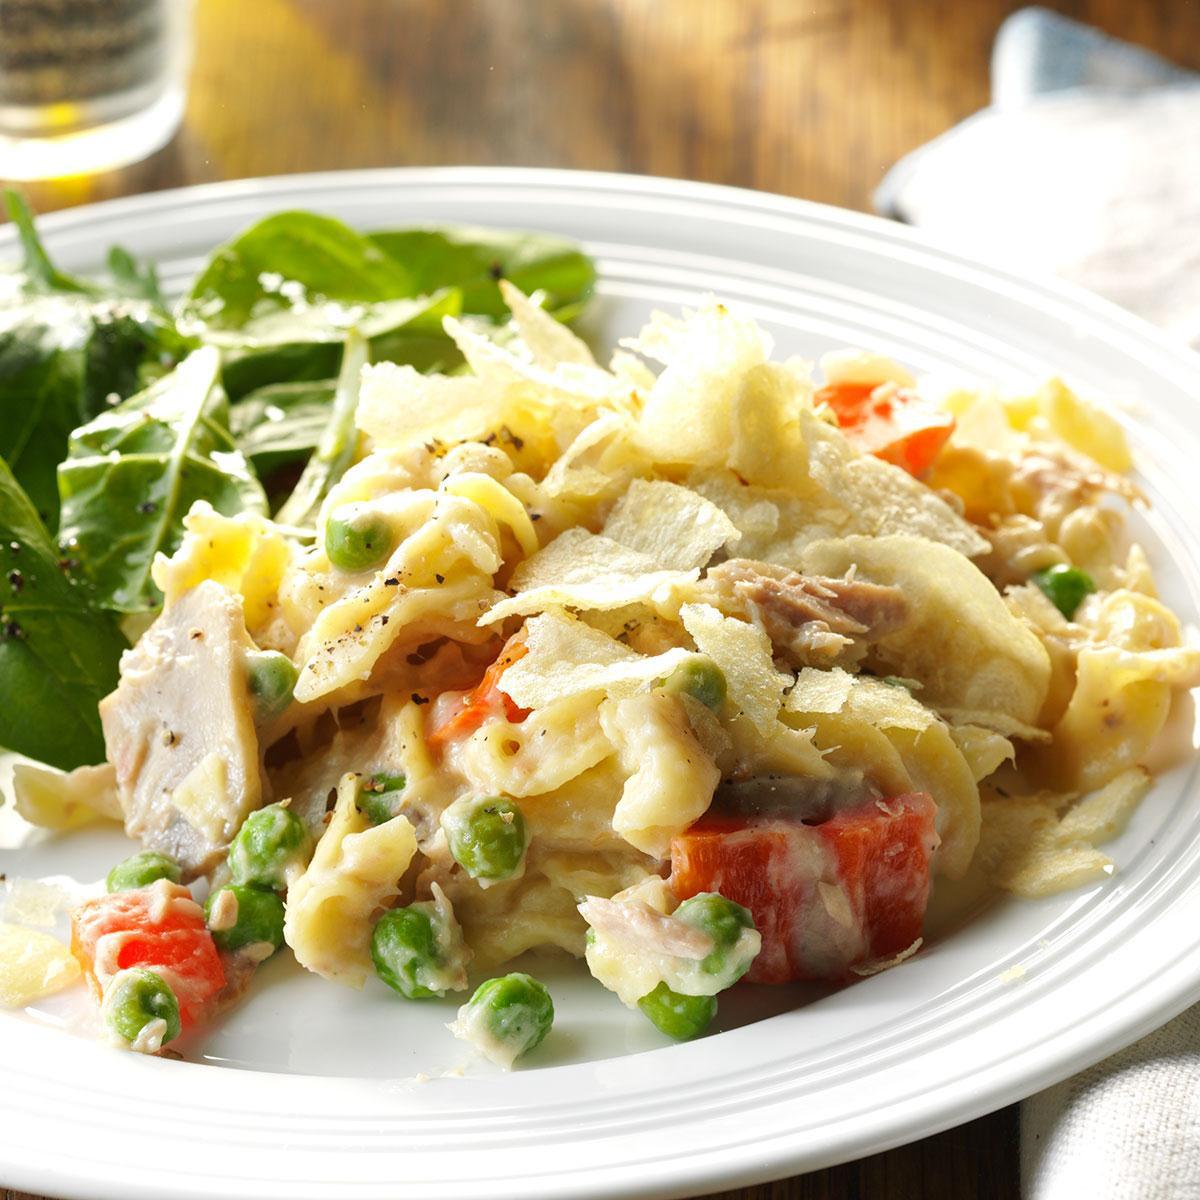 Slow Cooker Tuna Casserole  Slow Cooker Tuna Noodle Casserole Recipe